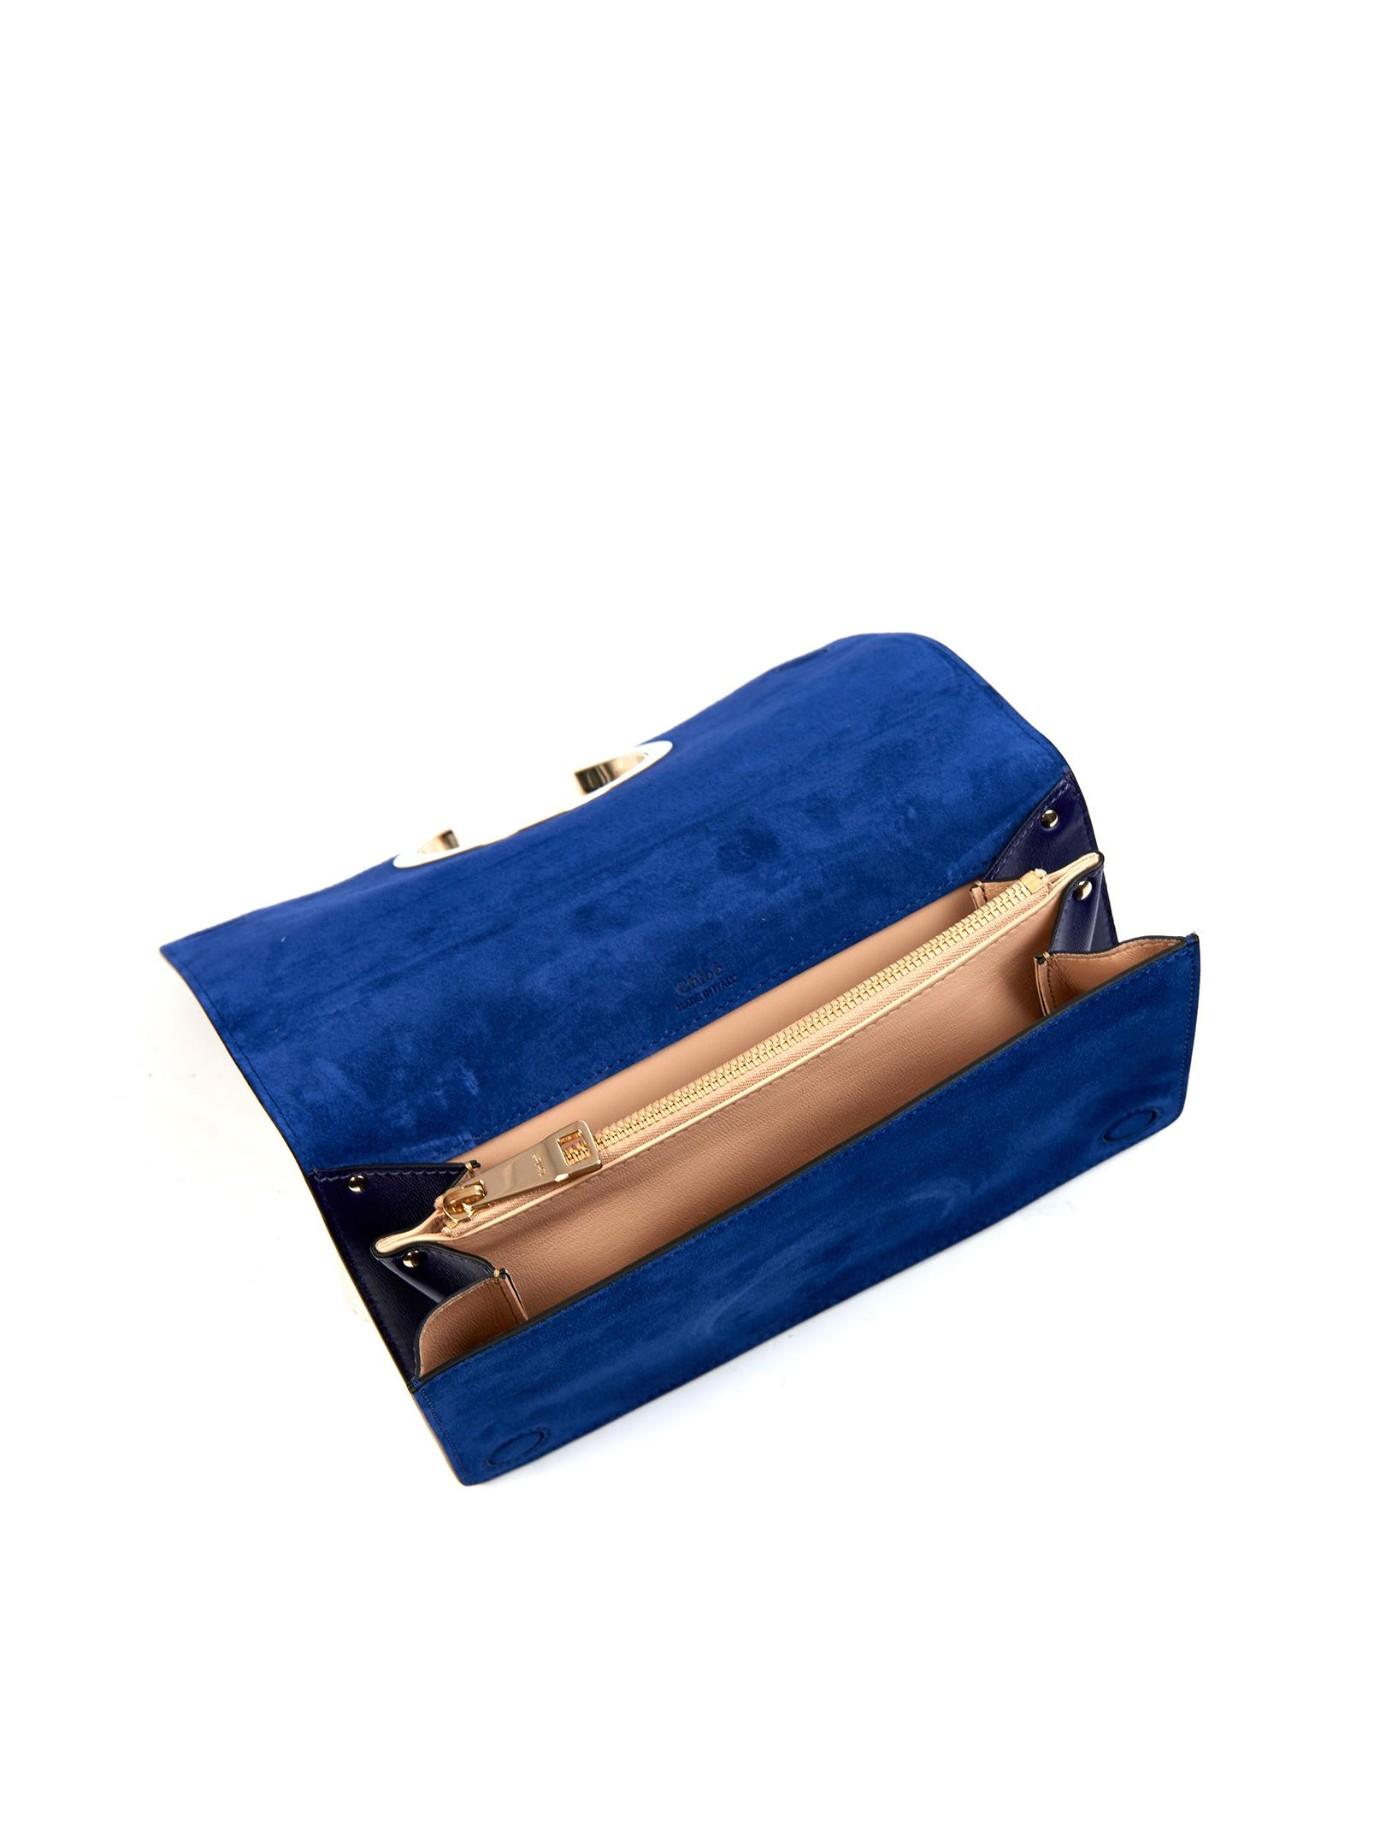 fake chloe handbag - Chlo�� Gabrielle Leather And Suede Clutch in Blue   Lyst